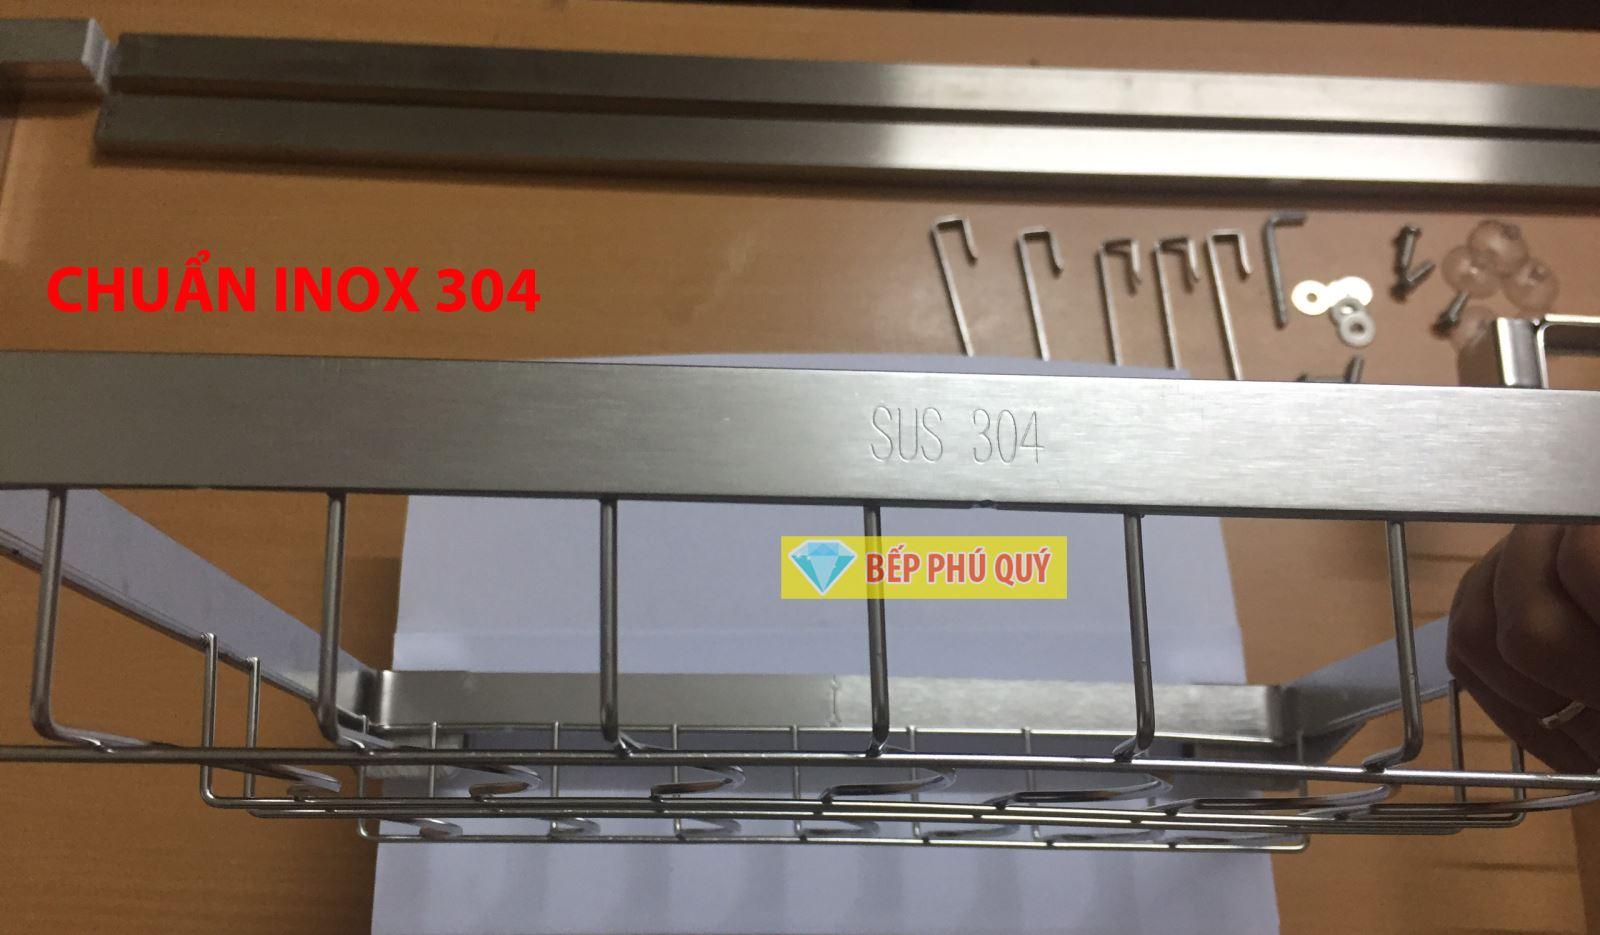 giá để đồ trên chậu rửa bát kệ úp chén trên bồn rửa bát inox 304